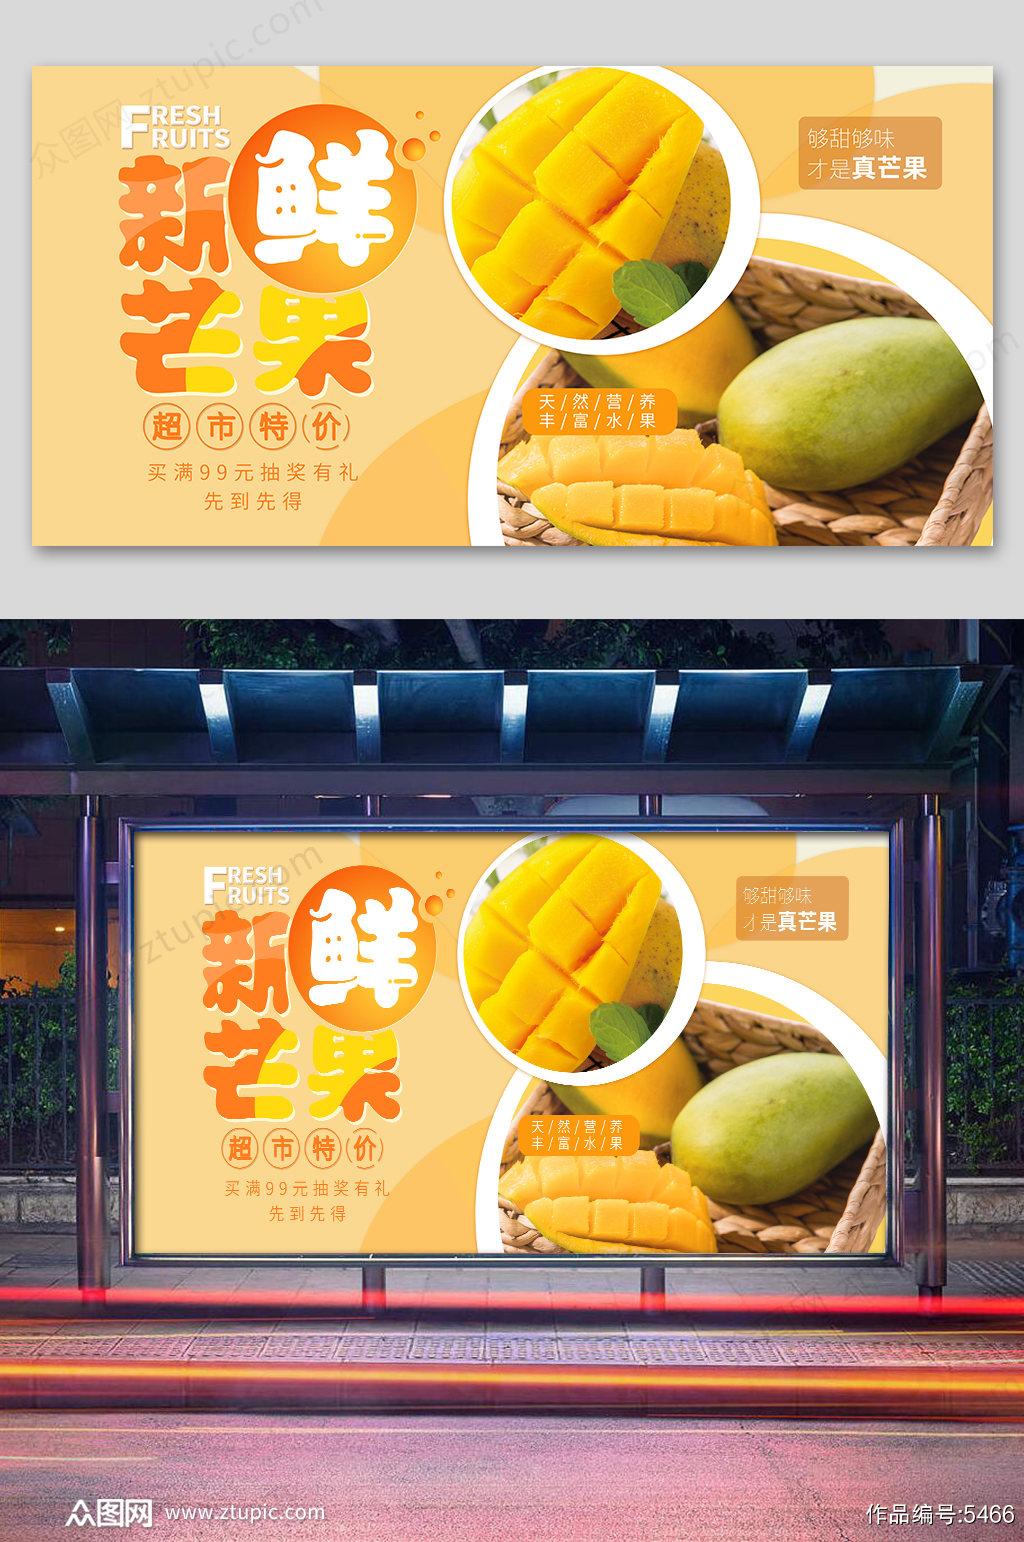 水果店海报图片素材